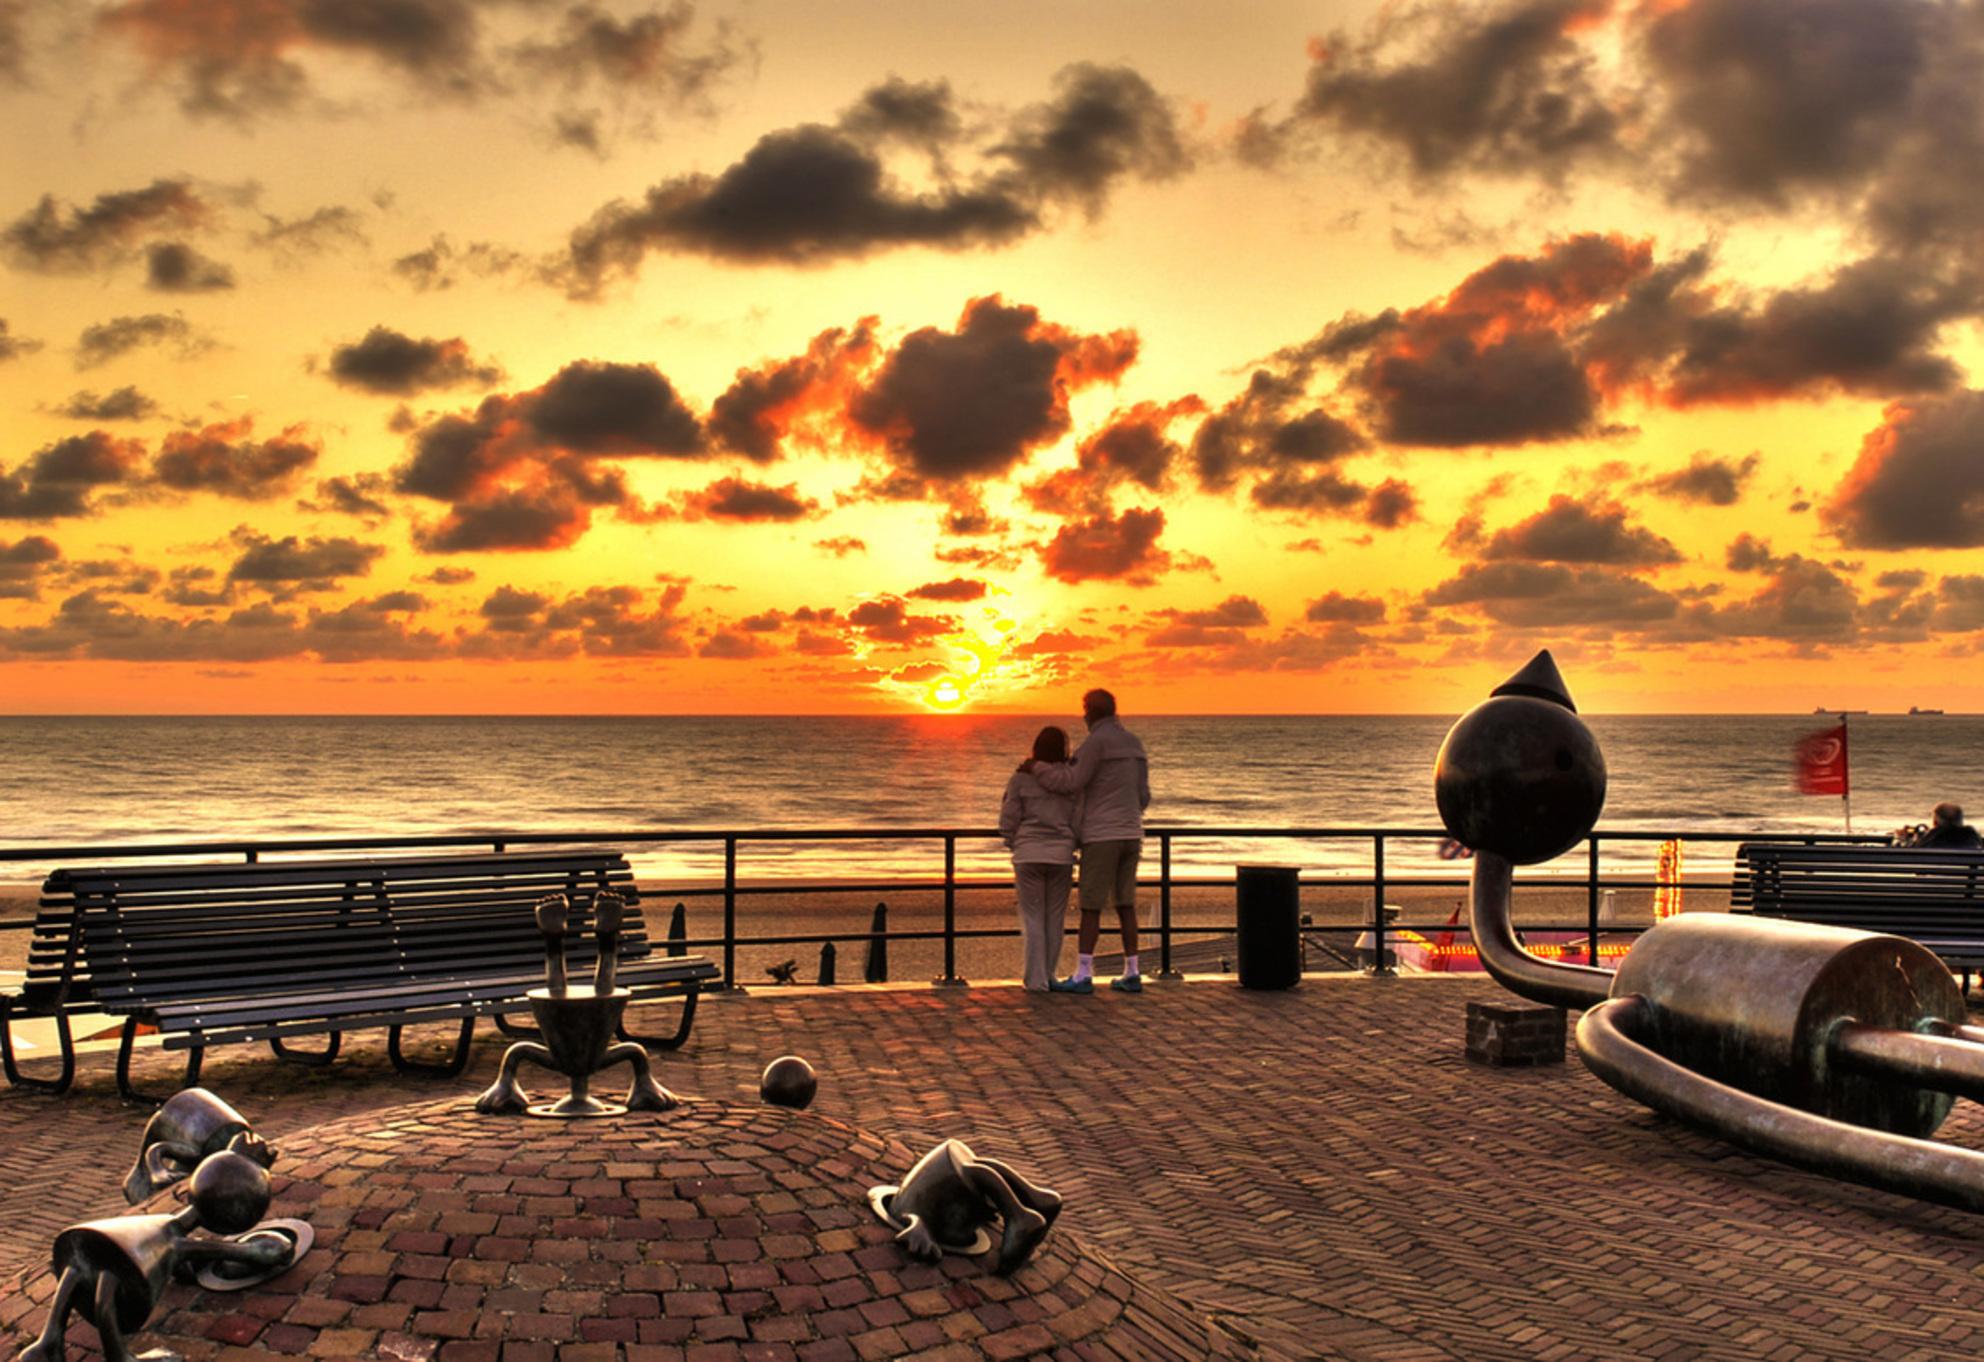 Sunset Scheveningen - Hdr opname van een zonsondergang in Scheveningen.  De mensen stonden redelijk stil waardoor de 5 opnames met statief nog redelijk gelukt zijn. De h - foto door MICHELD200 op 23-03-2010 - deze foto bevat: lucht, wolken, kleur, zon, strand, zee, zonsondergang, portret, beelden, hdr, romantisch, bewerkte fotografie - Deze foto mag gebruikt worden in een Zoom.nl publicatie